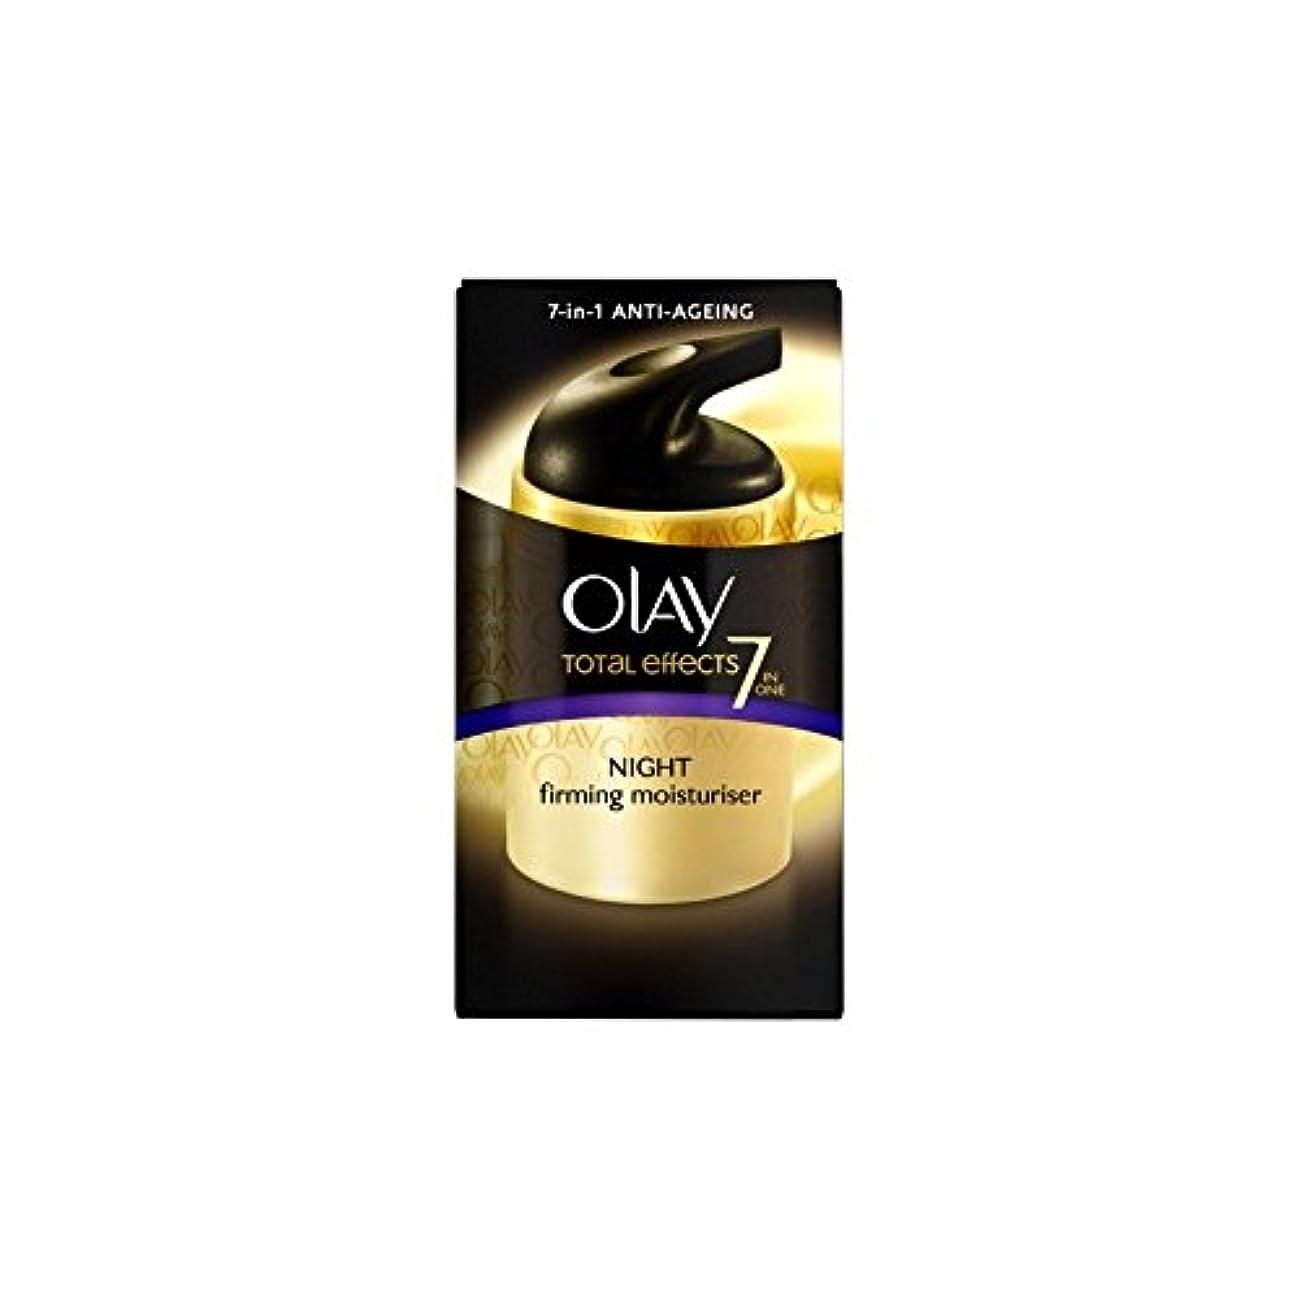 実現可能大胆仲人オーレイトータルエフェクト保湿ナイトクリーム(50ミリリットル) x2 - Olay Total Effects Moisturiser Night Cream (50ml) (Pack of 2) [並行輸入品]